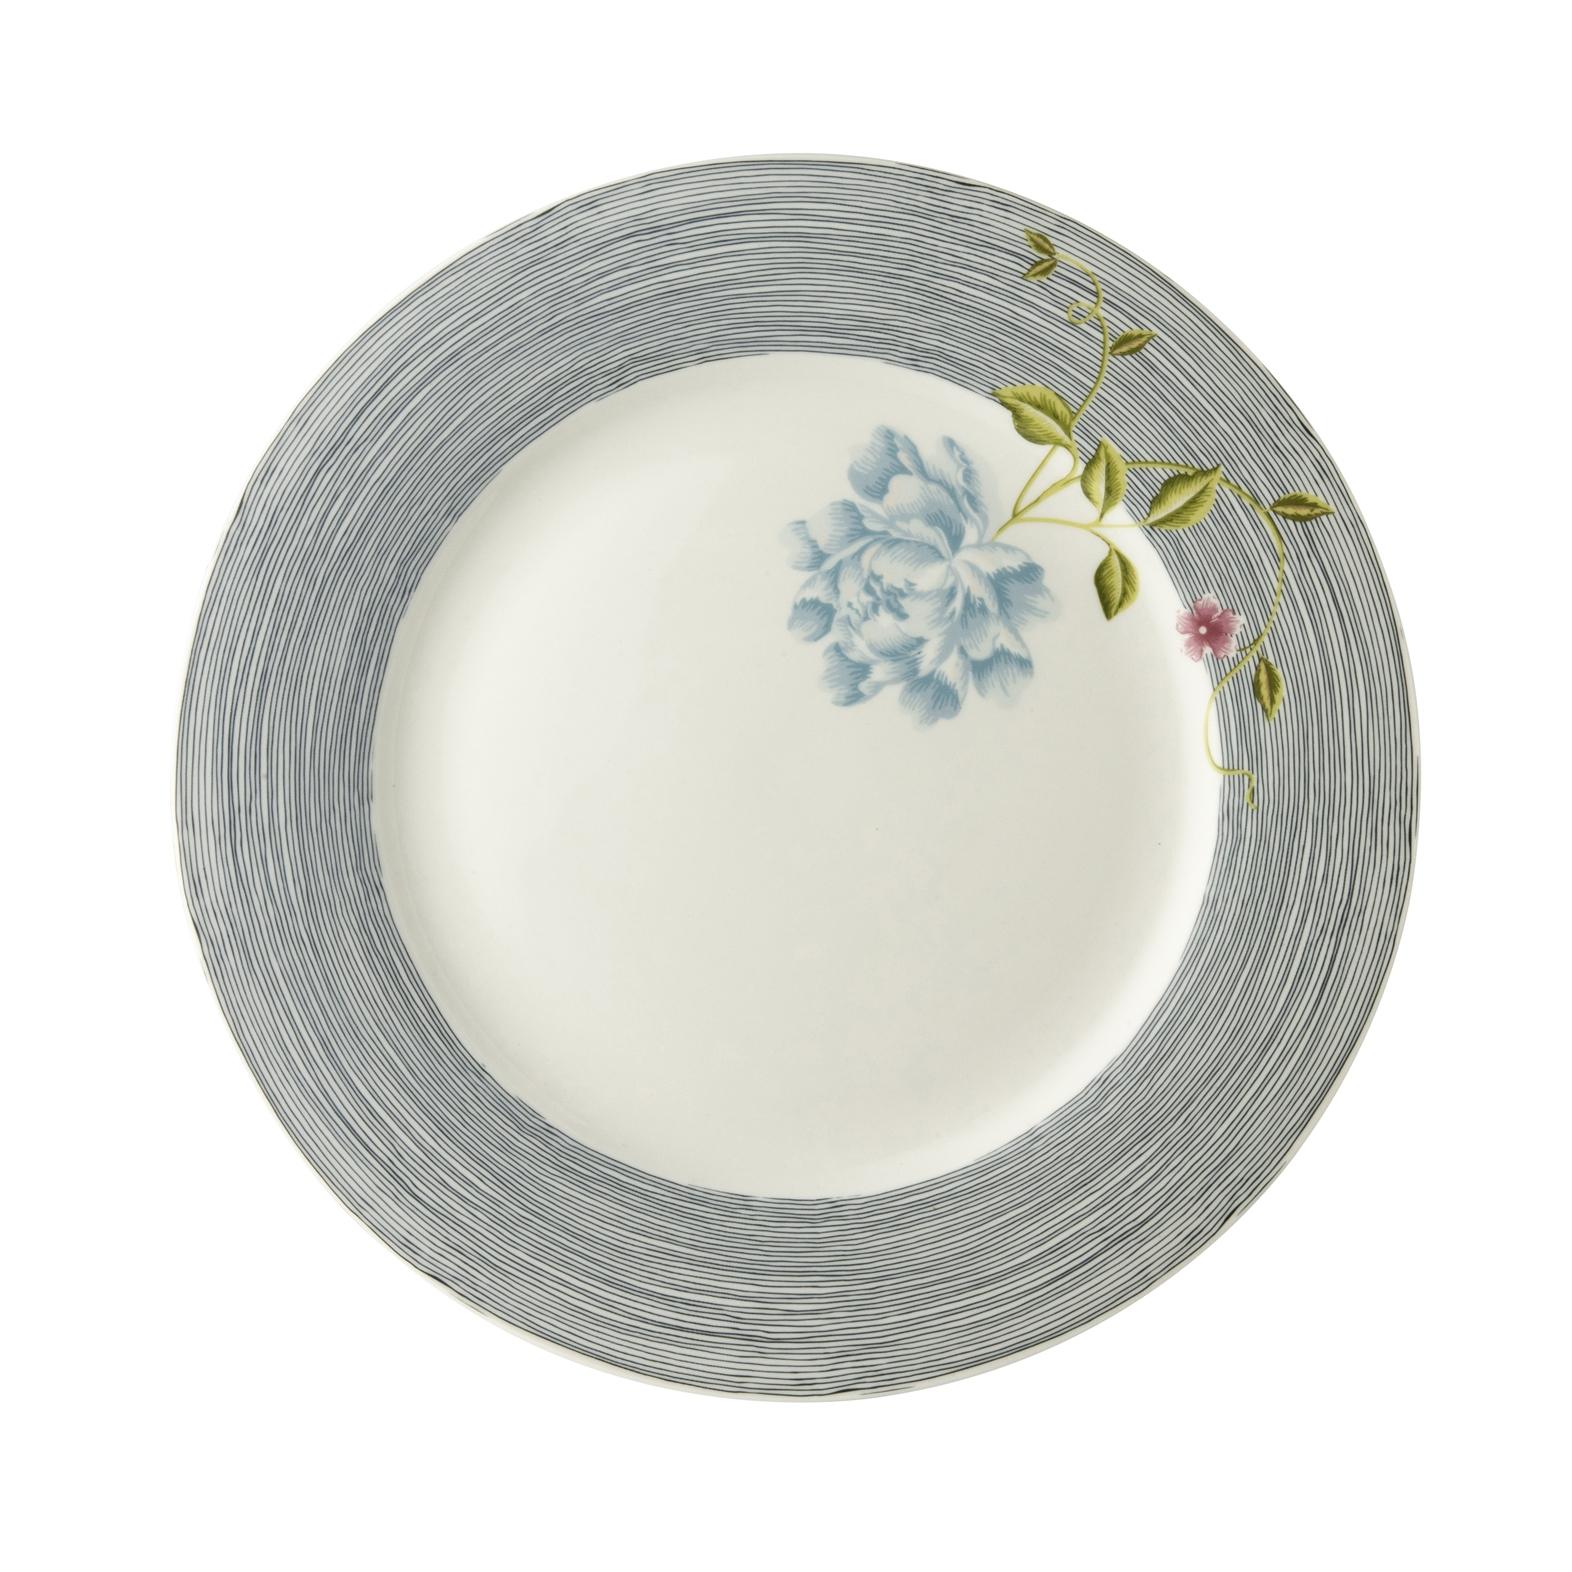 """Онлайн каталог PROMENU: Тарелка основная """"Цветок"""" Laura Ashley HERITAGE, диаметр 26 см, синяя полоска с цветком                                   180457"""